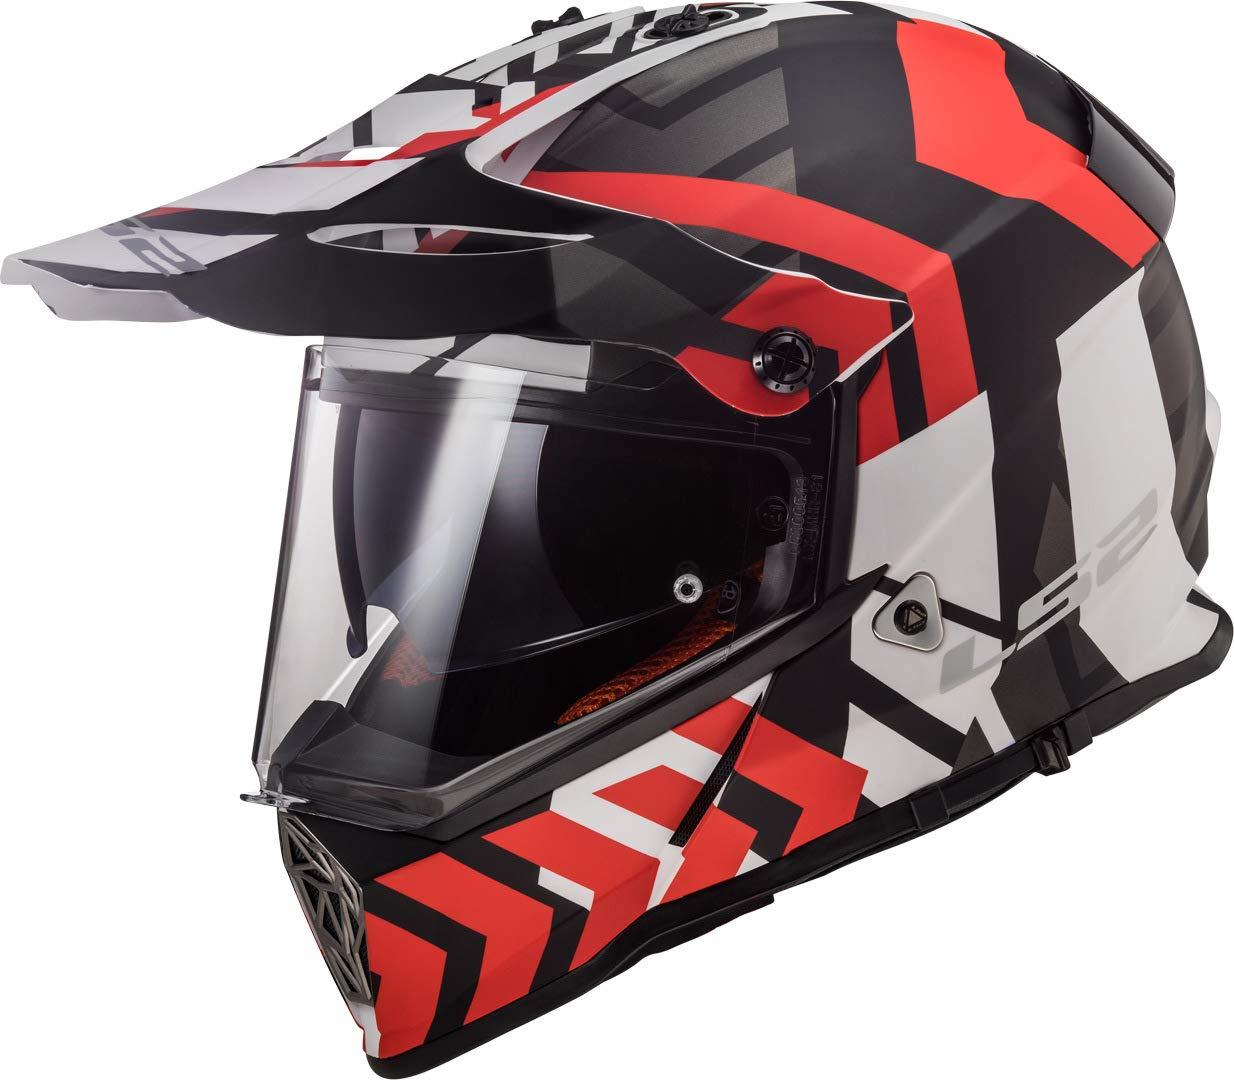 404362532 CASCO INTEGRALE LS2 MX436 PIONEER XTREME MATT BLACK RED TAGLIA S 6934432841624